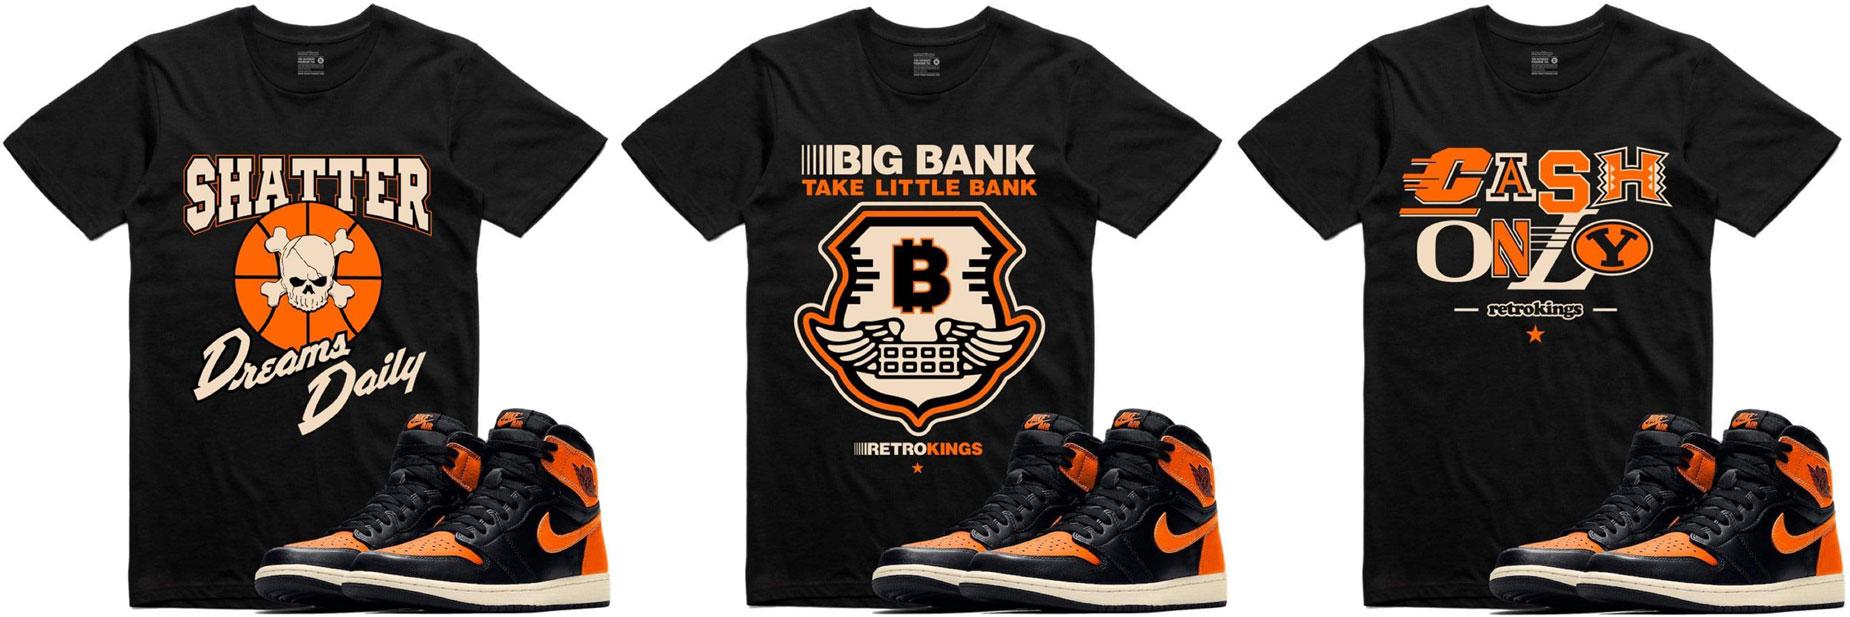 jordan-1-shattered-backboard-3-sneaker-tee-shirts